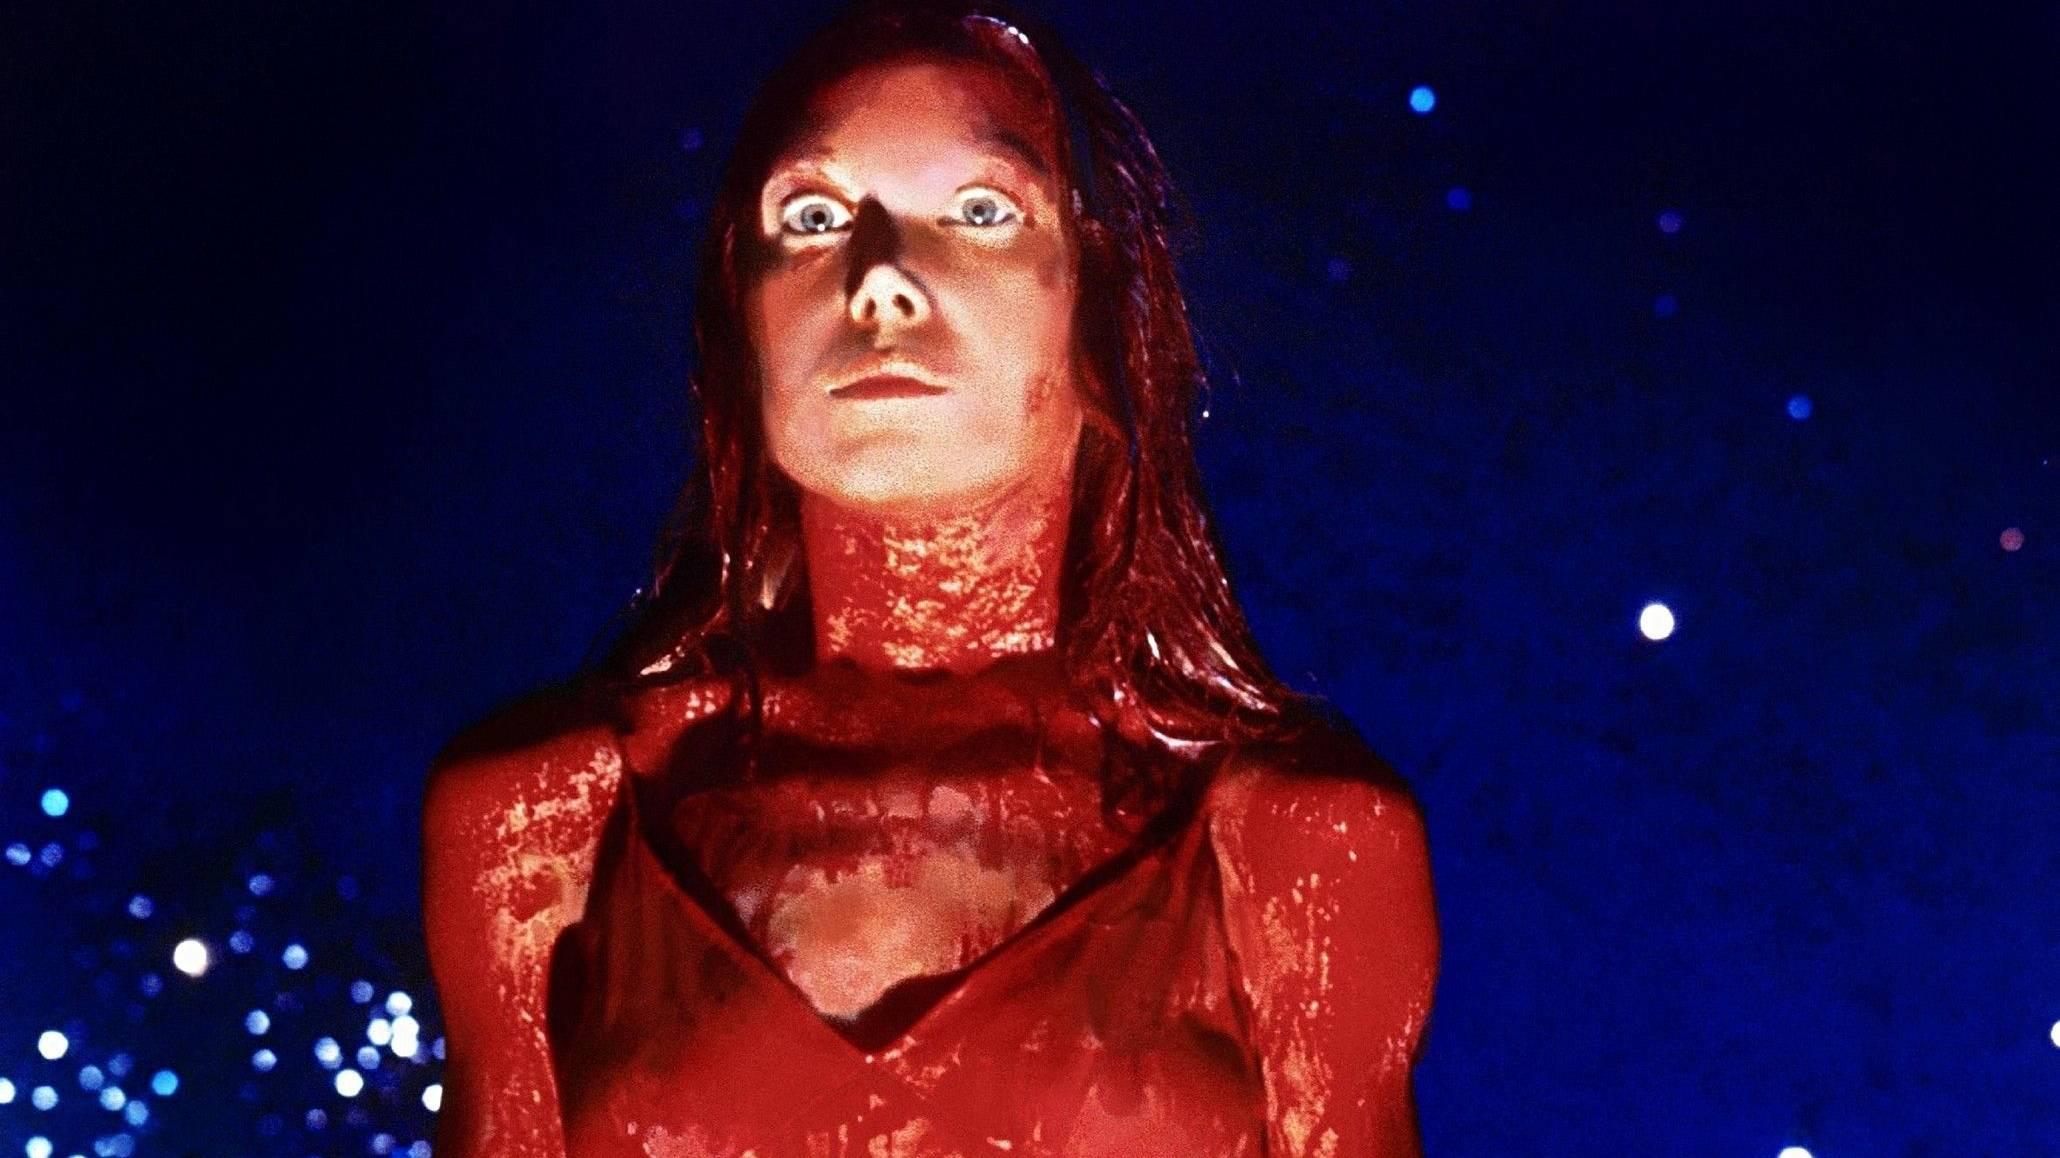 La clásica Carrie de Stephen King tendrá serie de televisión en FX